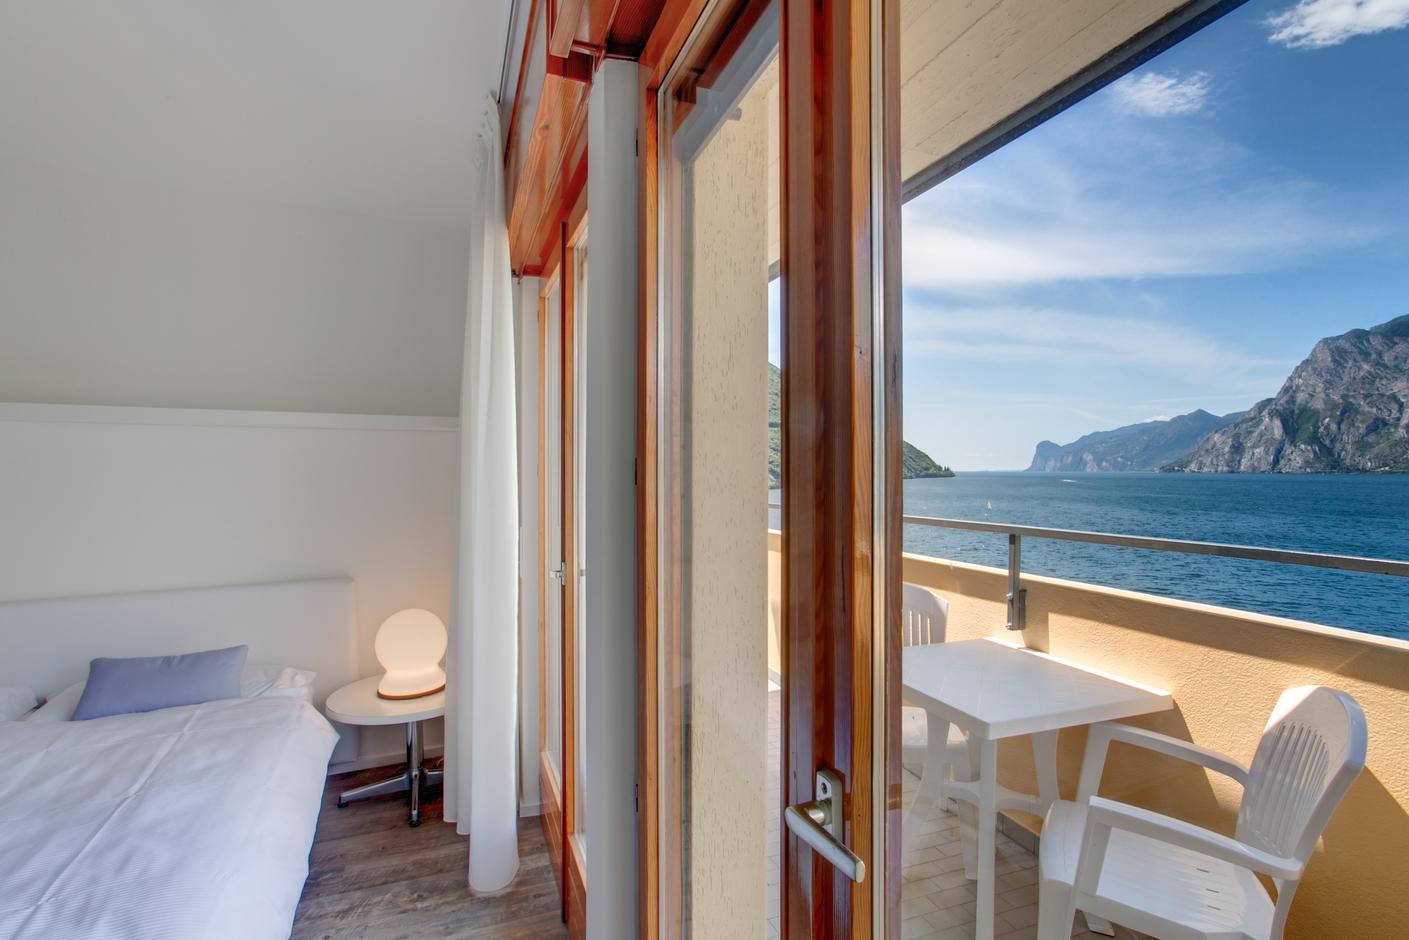 [TRIVAGO] Kostenloses DZ Appartement in Torbole, Gardasee